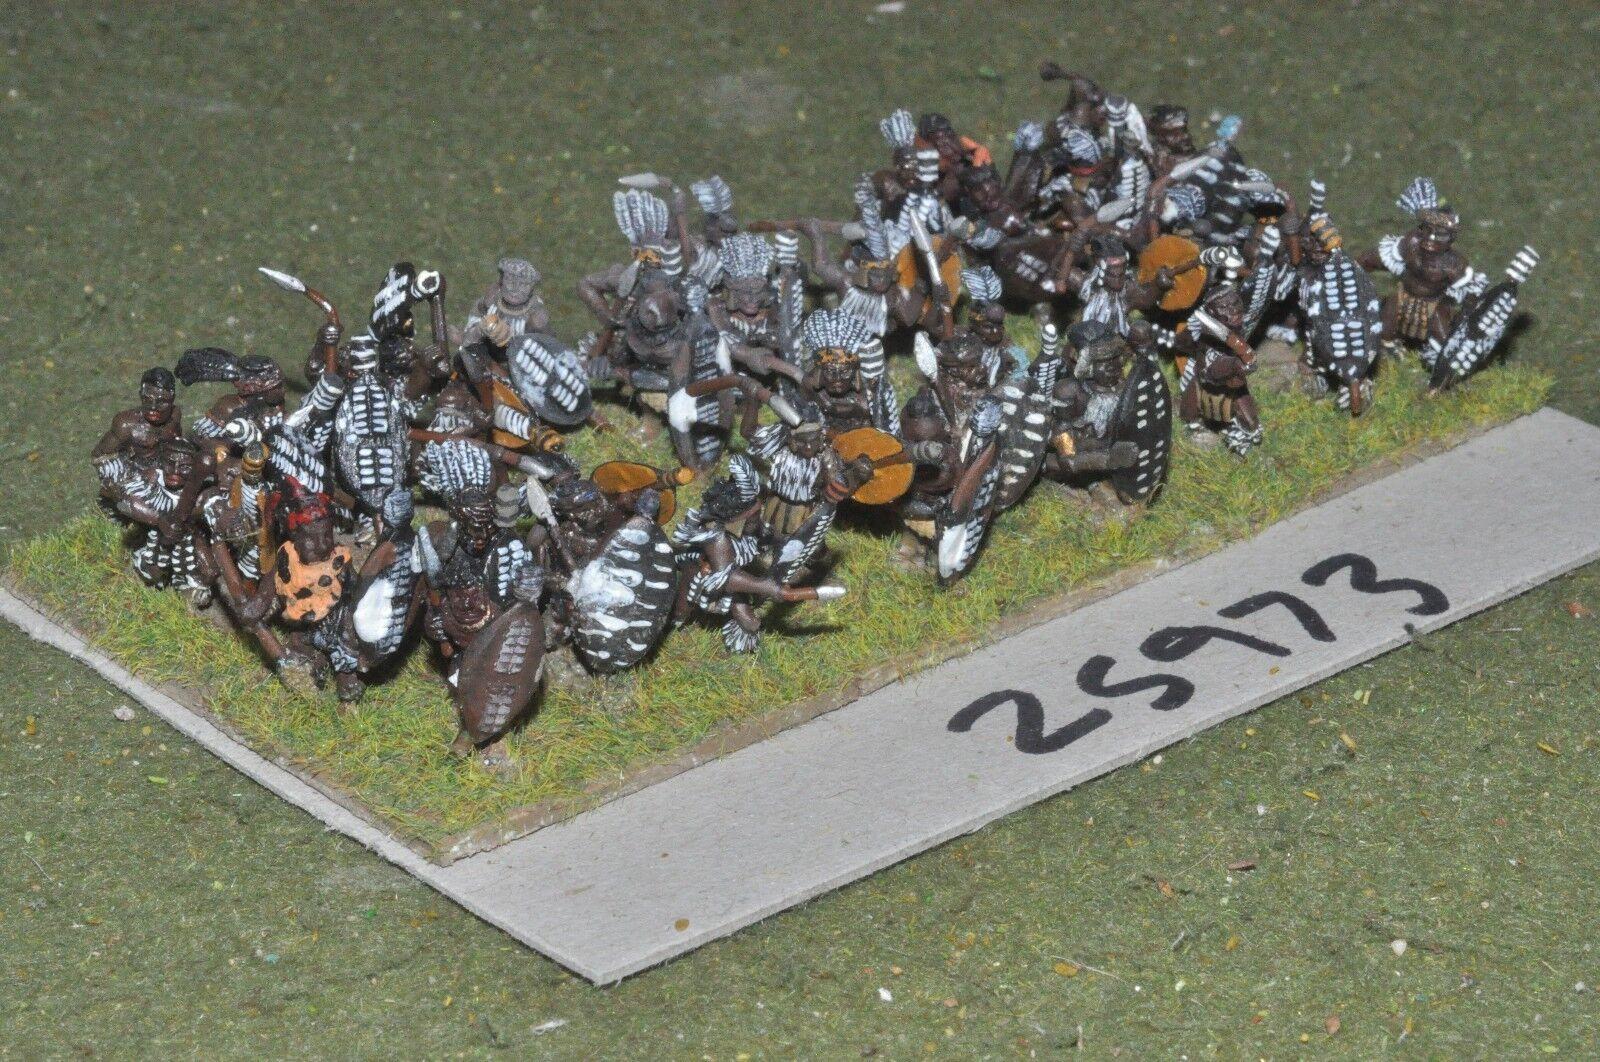 15   zulu - krieger 36 zahlen kolonial - inf (25973)